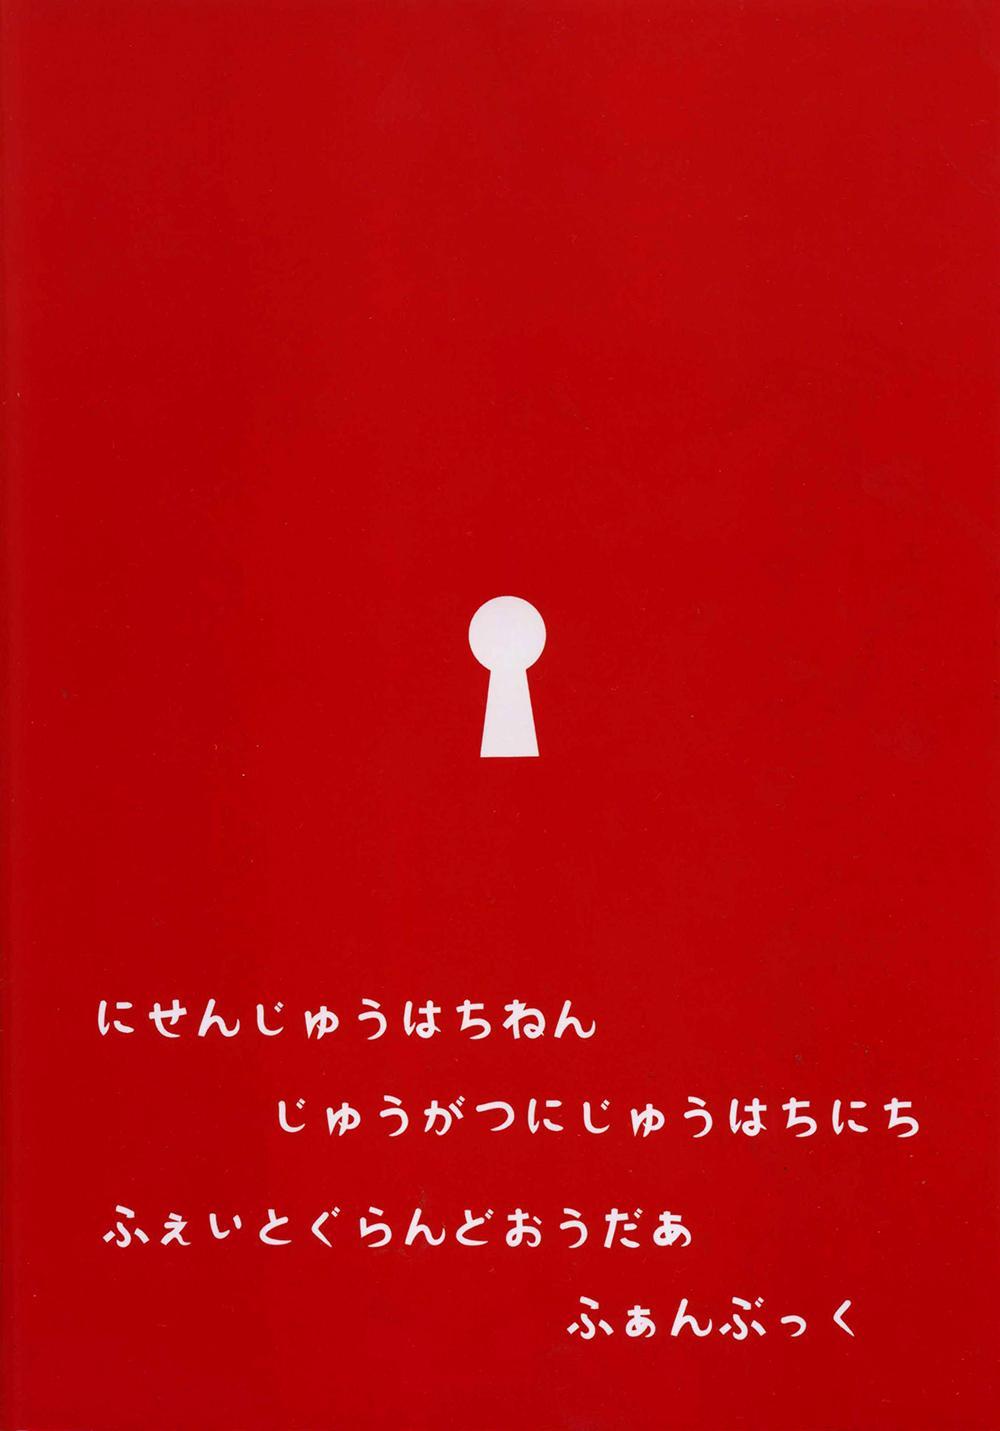 Shinshin Hanten e Youkoso 25